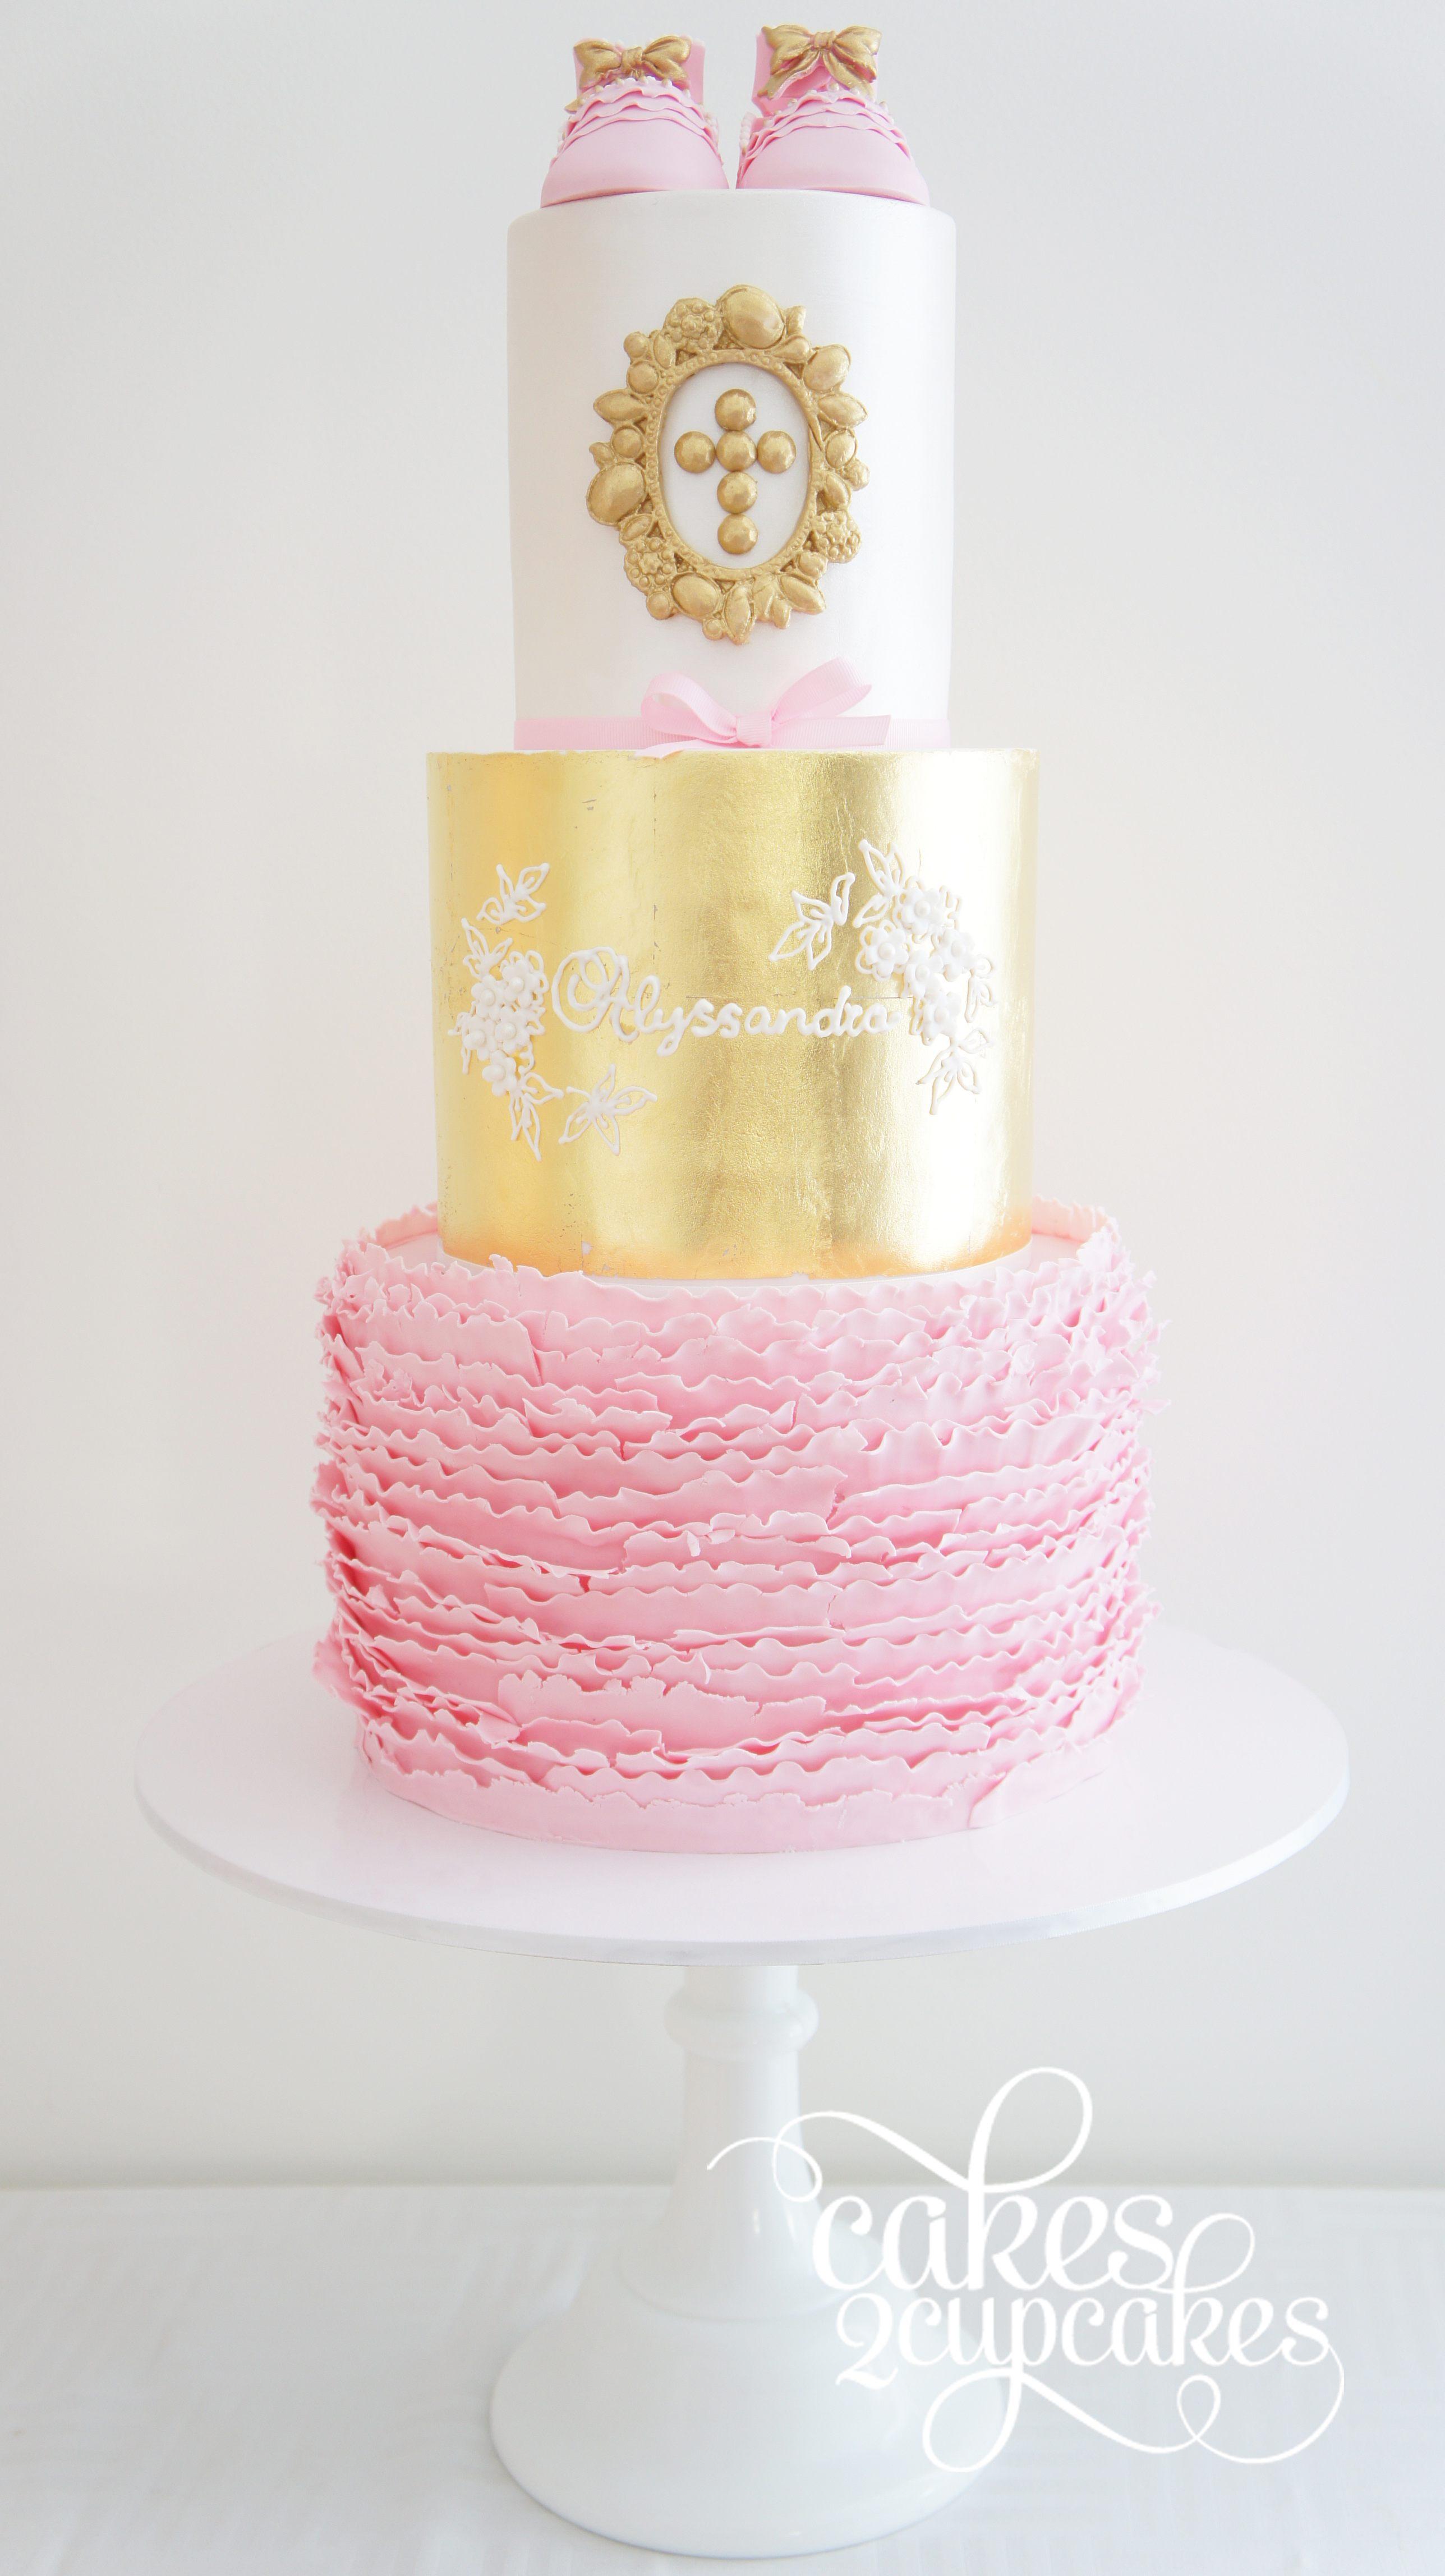 cakes2cupcakes-sugarbooties.jpg